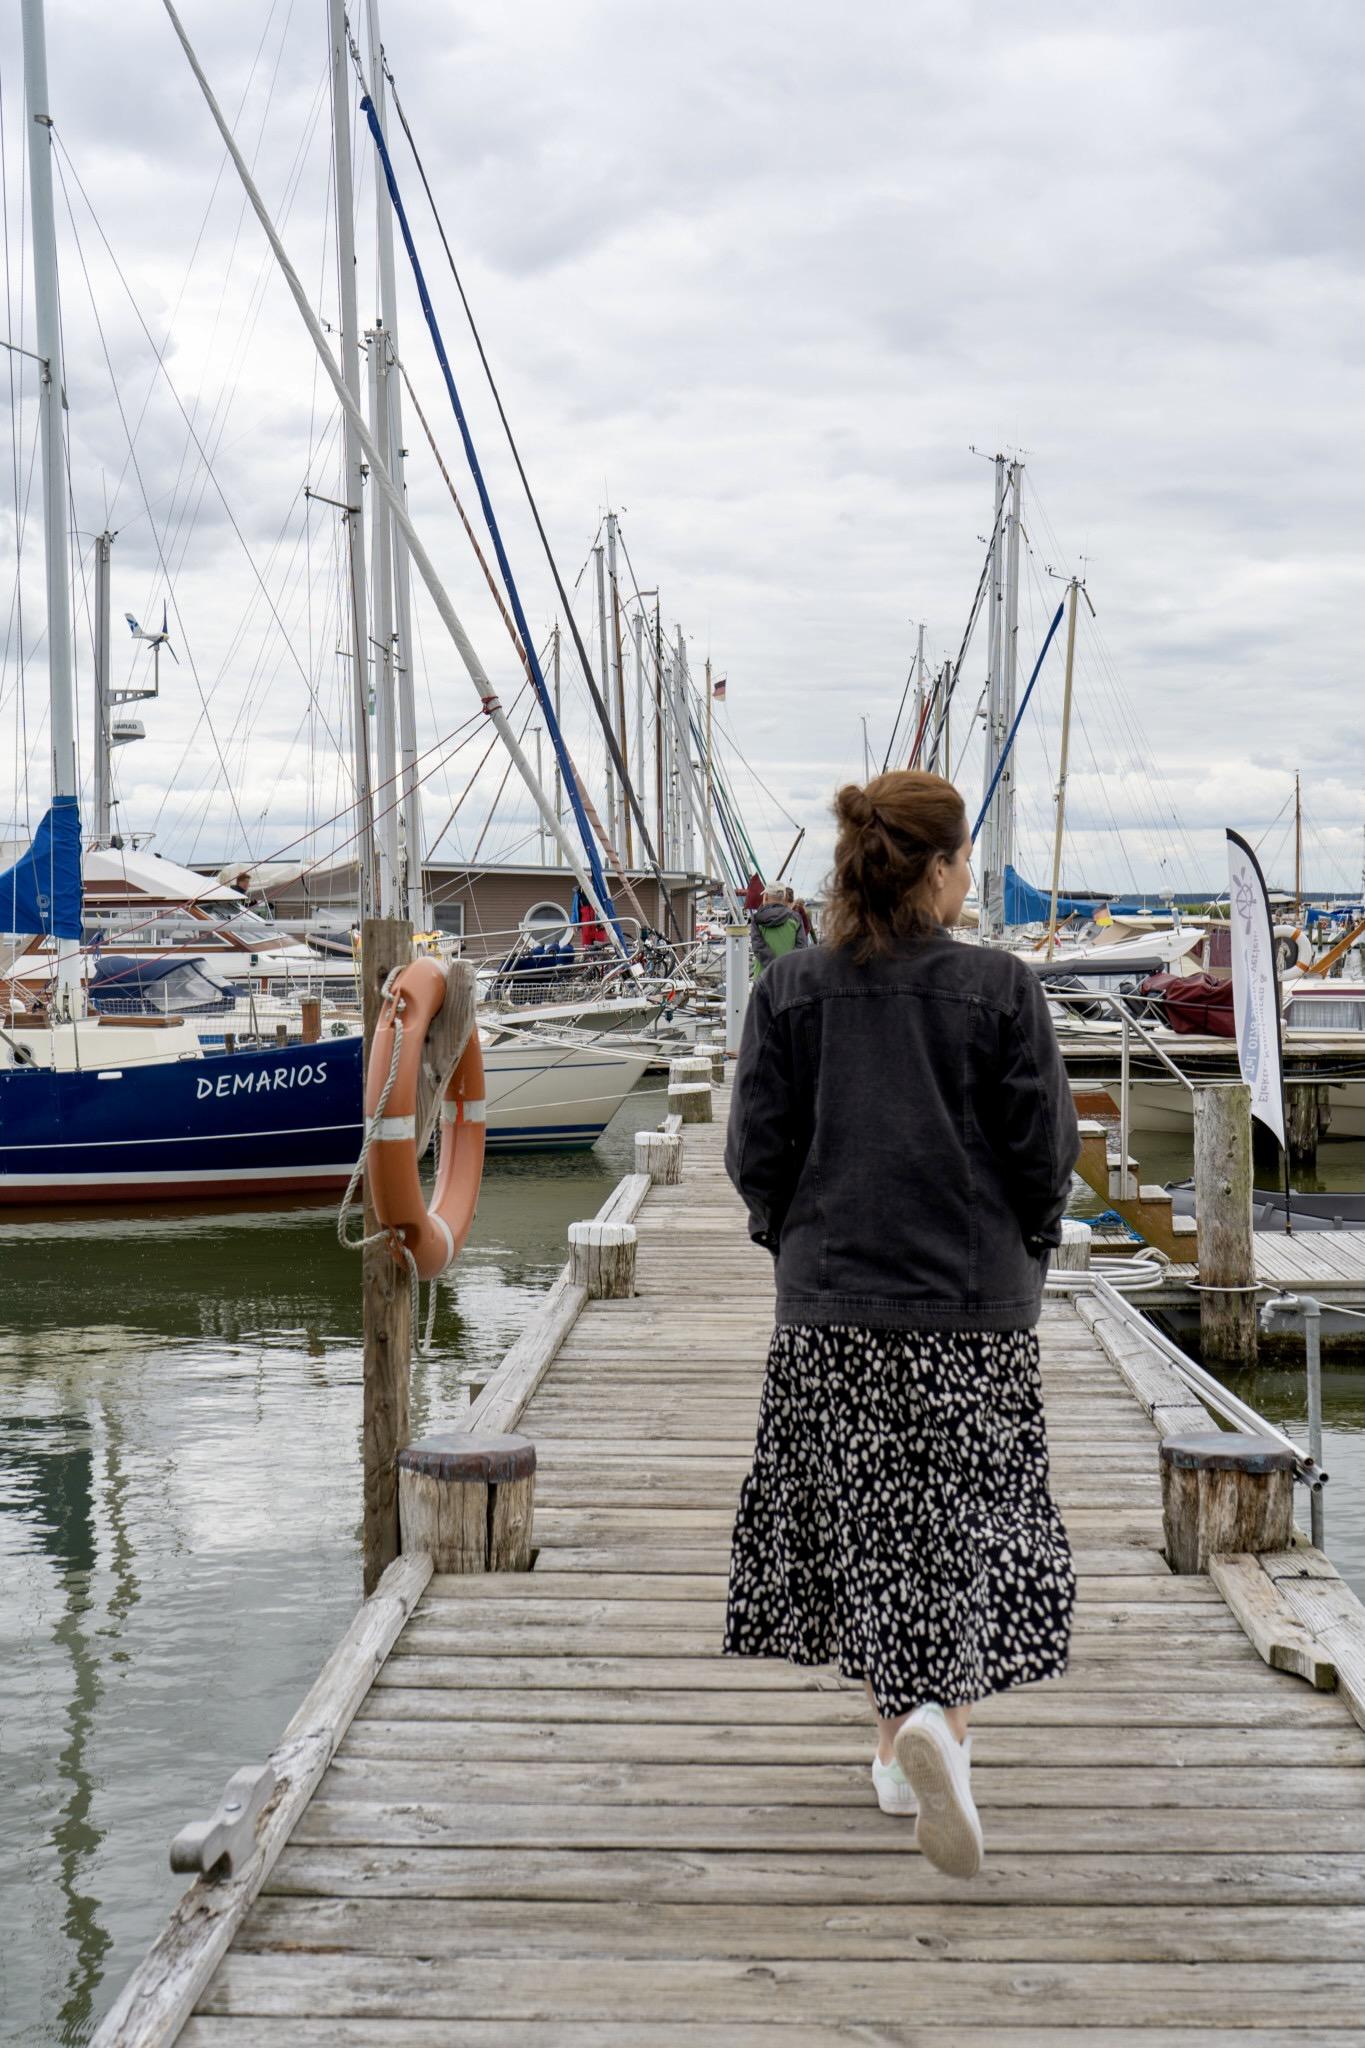 Hafen auf Usedom